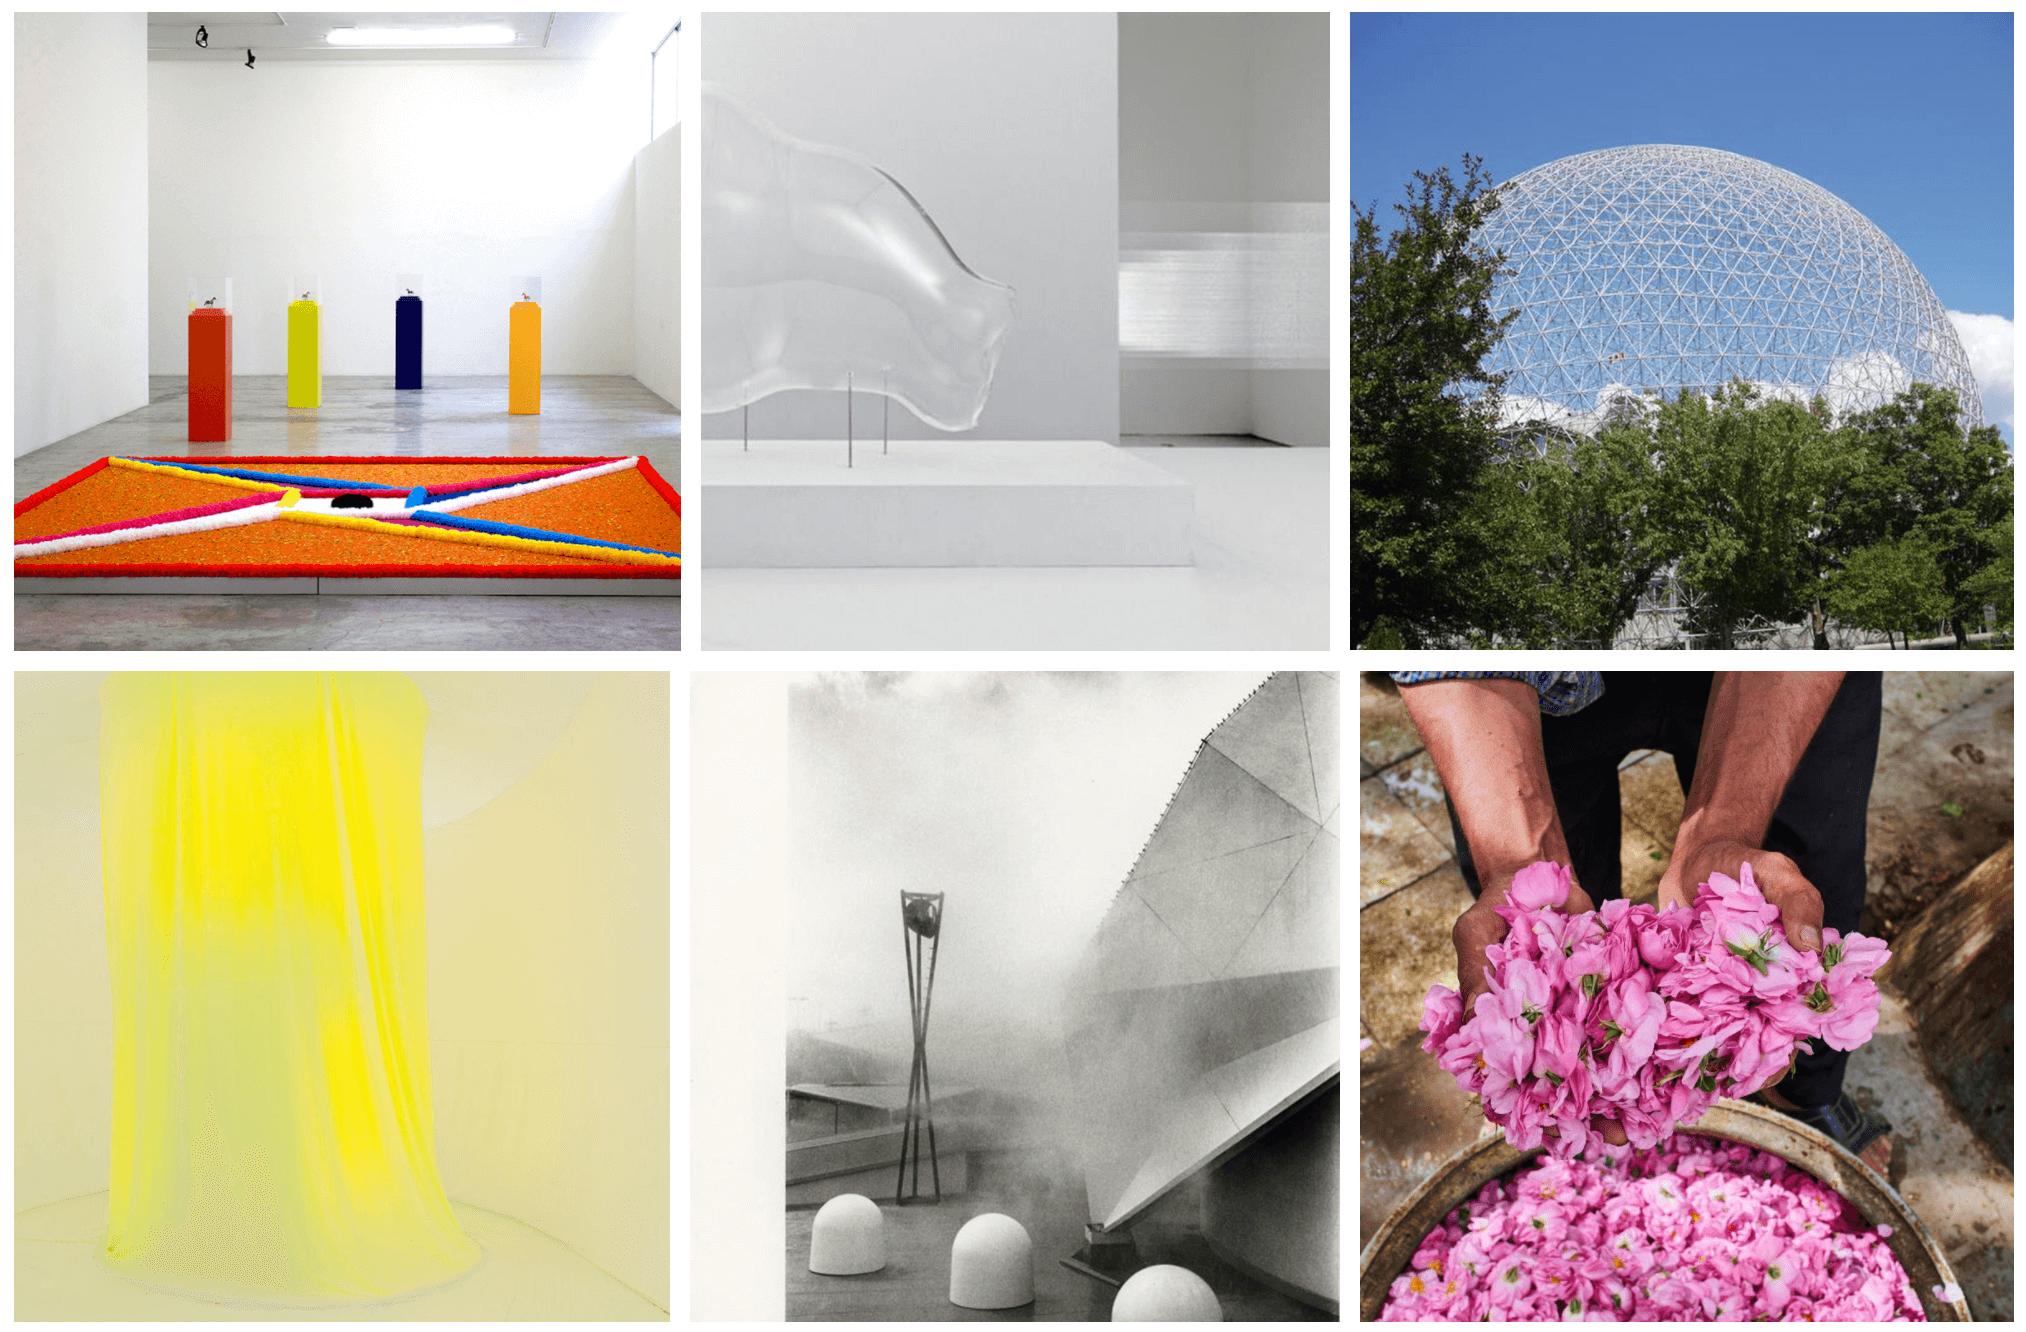 Visuels → La Biennale de Lyon